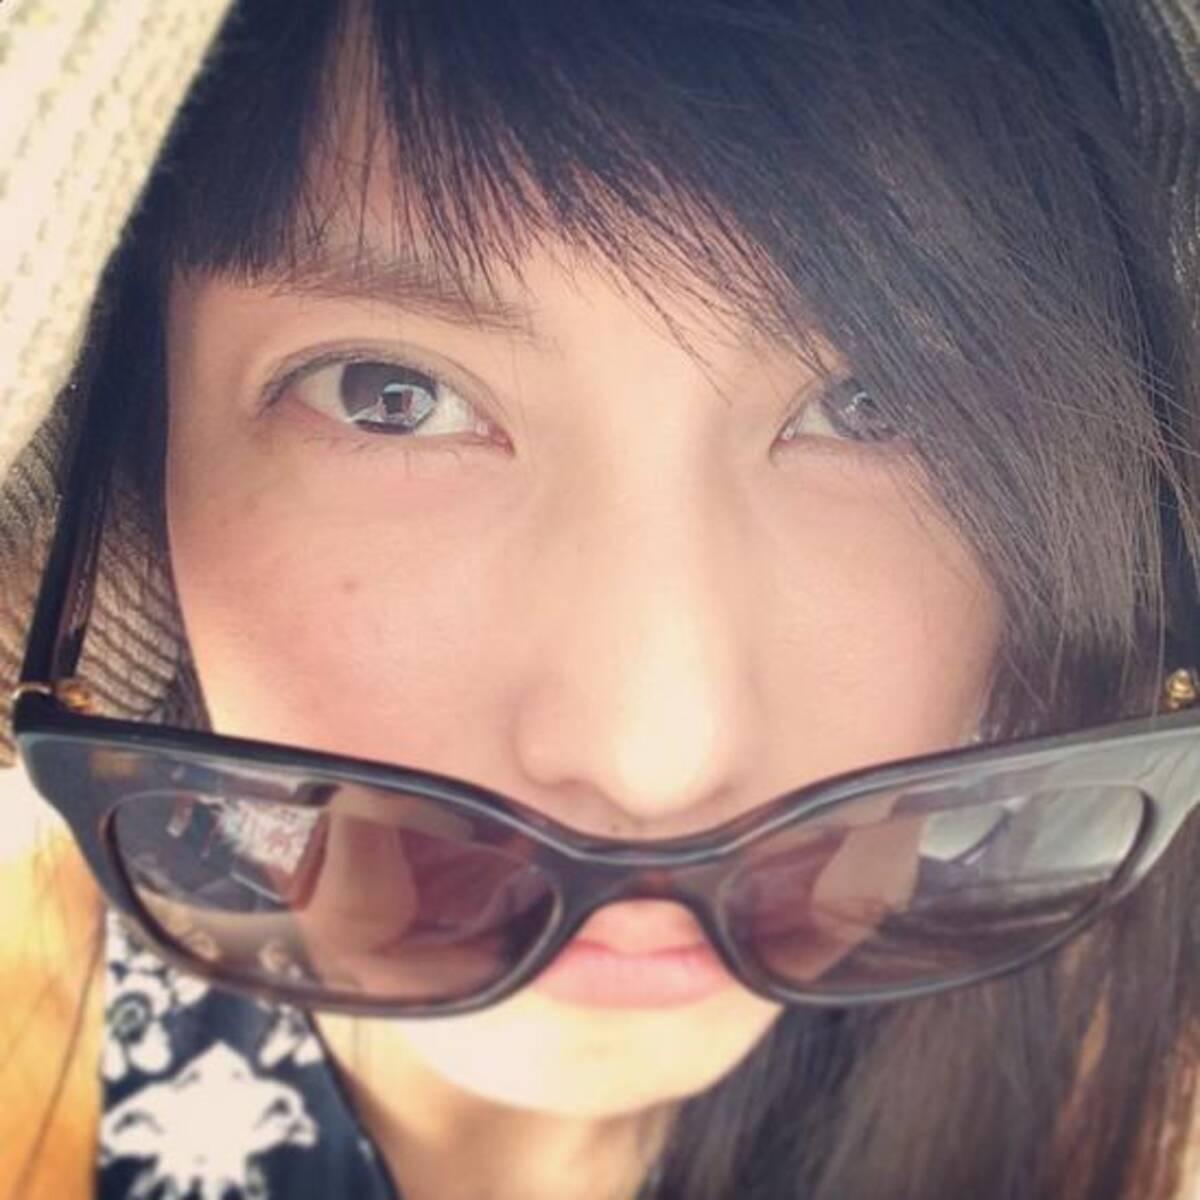 柴咲コウ、どアップ画像を公開。その美貌に「スッピンなの?」の声 ...